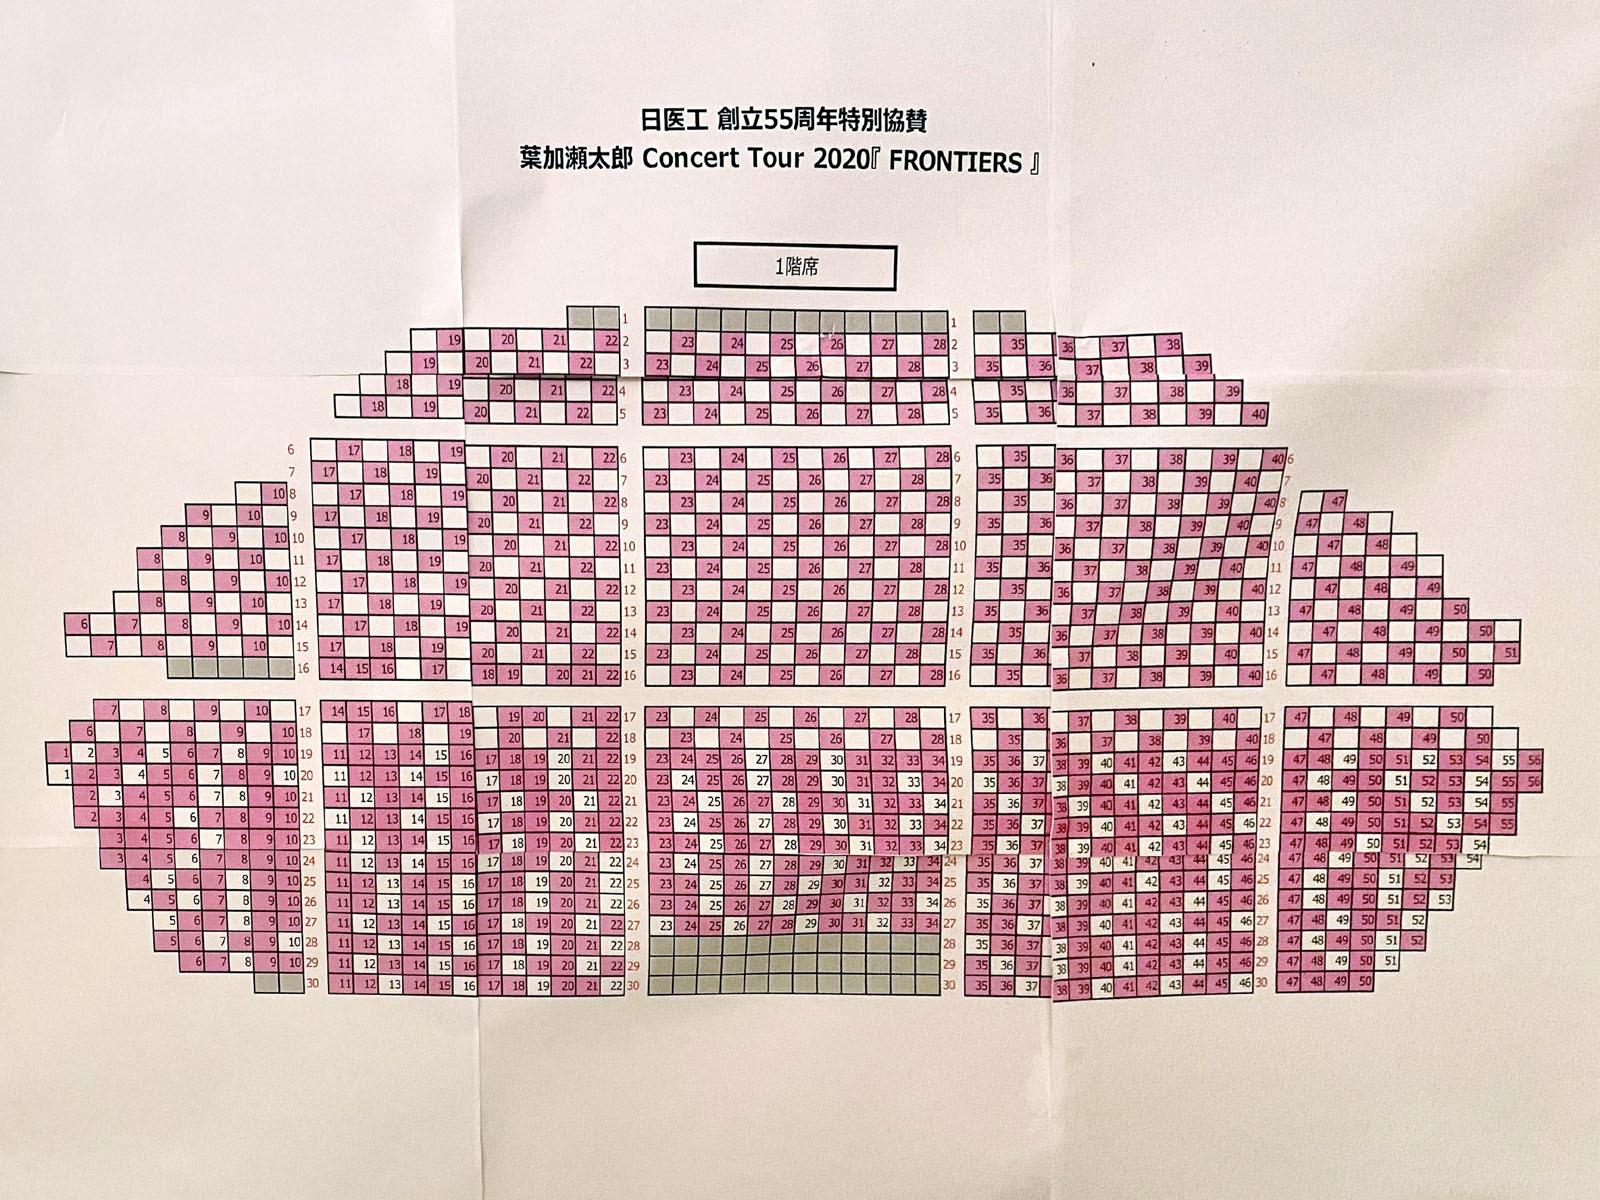 葉加瀬太郎 コンサートツアー 2020 FRONTIERS 席の配置